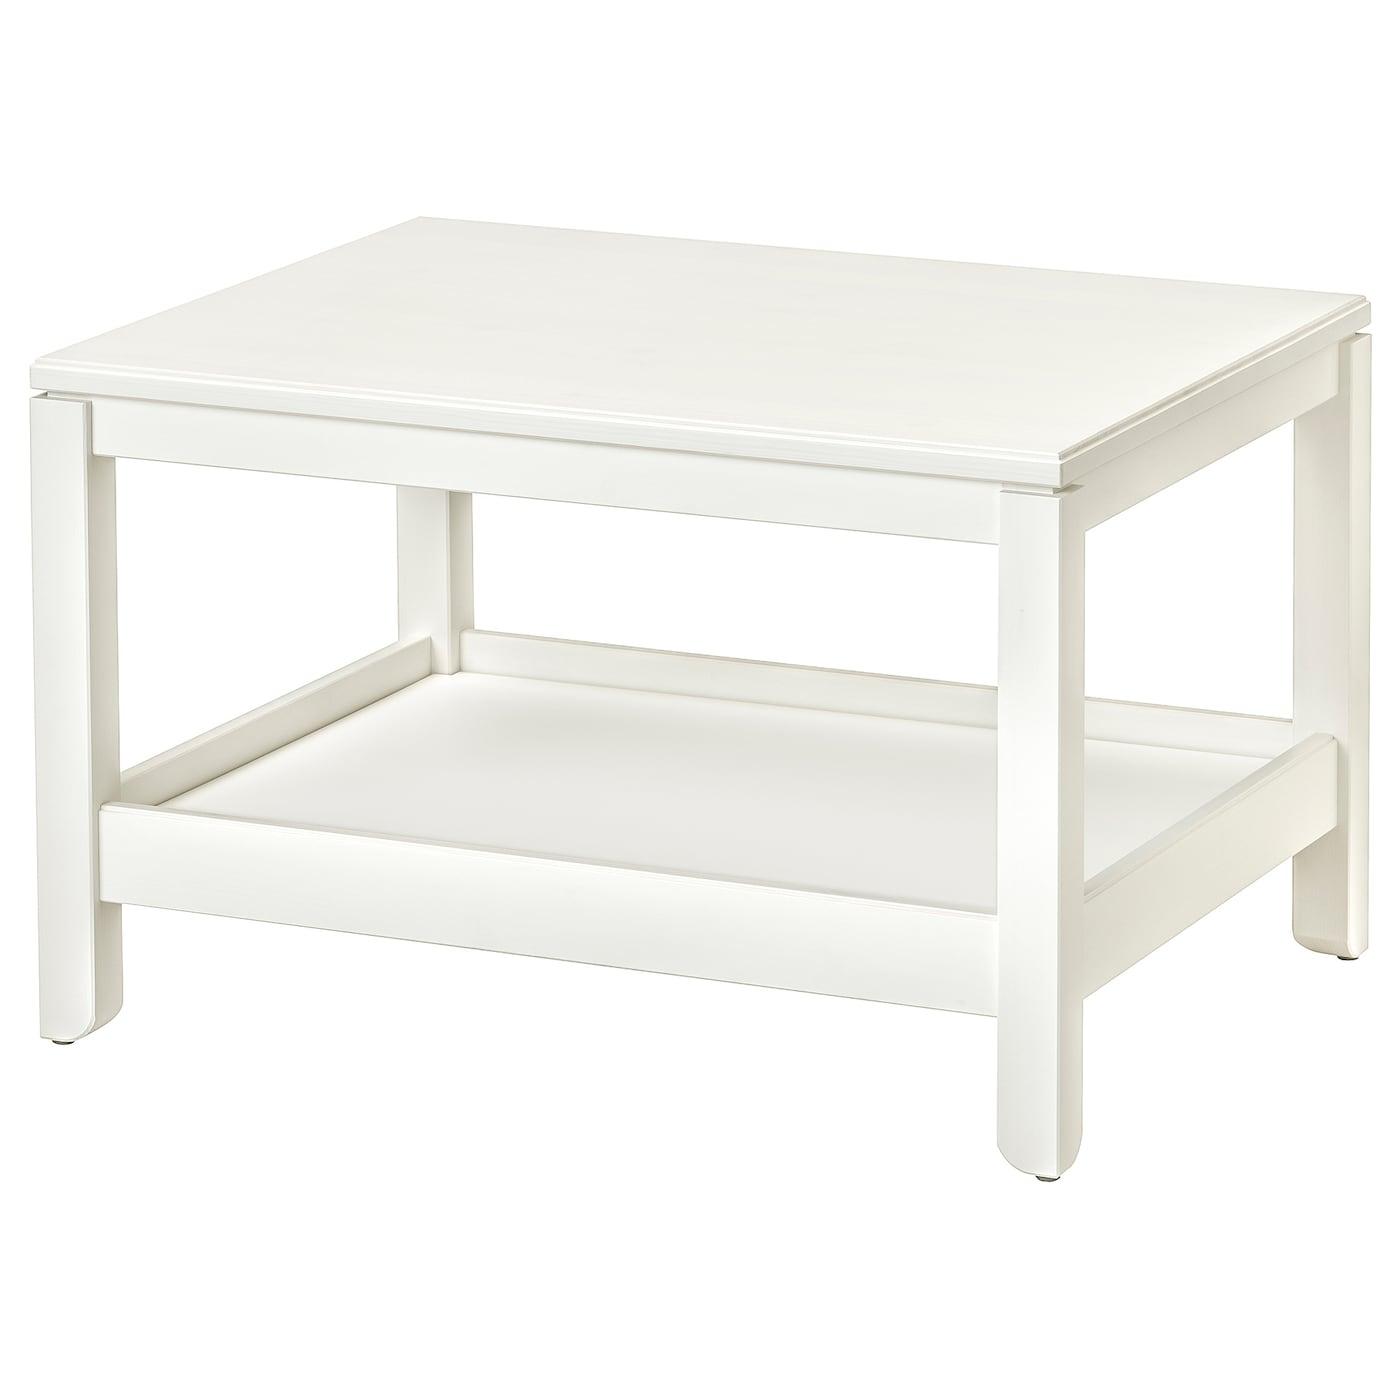 IKEA HAVSTA Stolik, biały, 75x60 cm